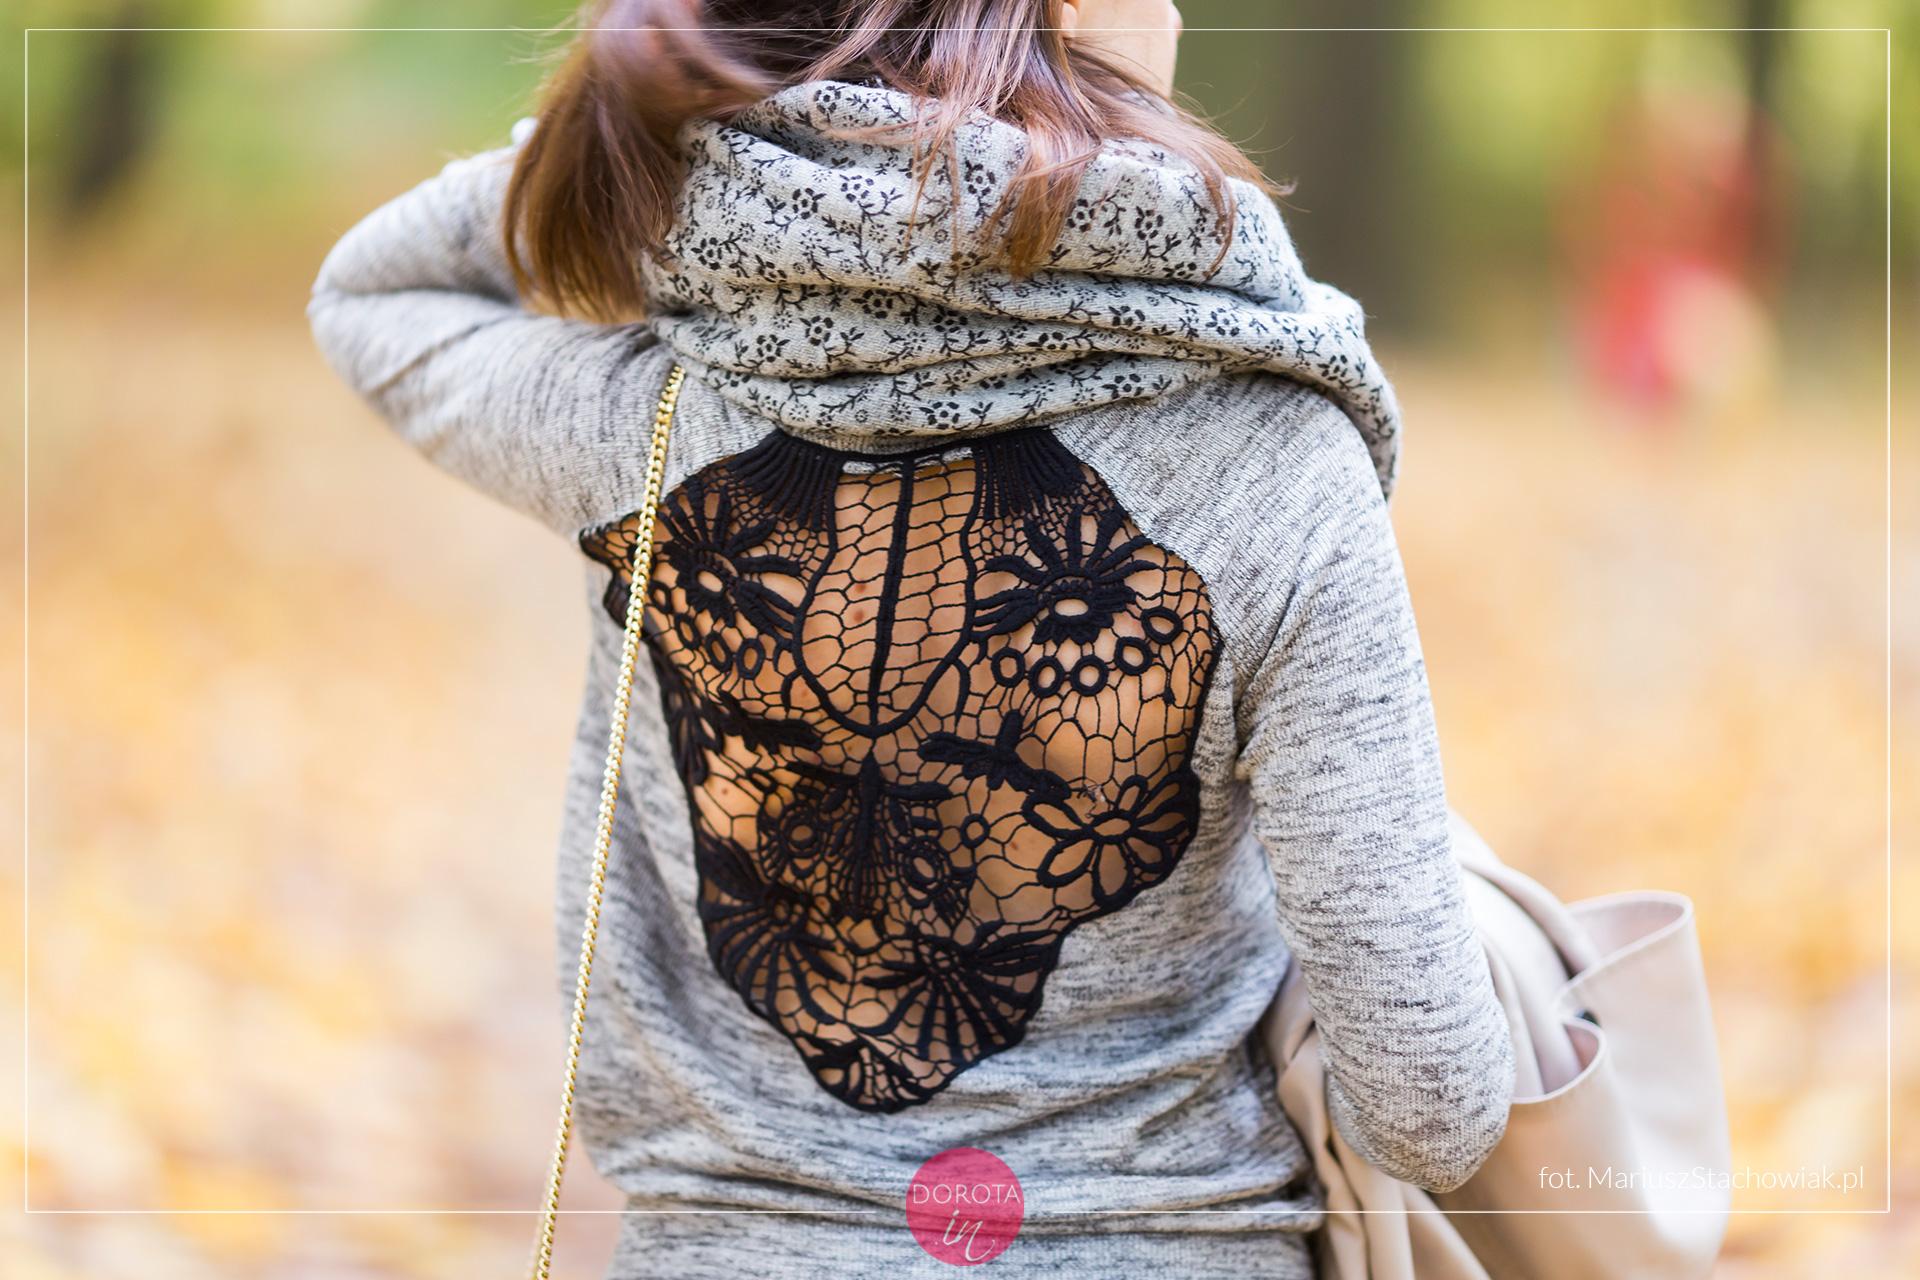 Szary sweter z ażurowym wzorem na plecach